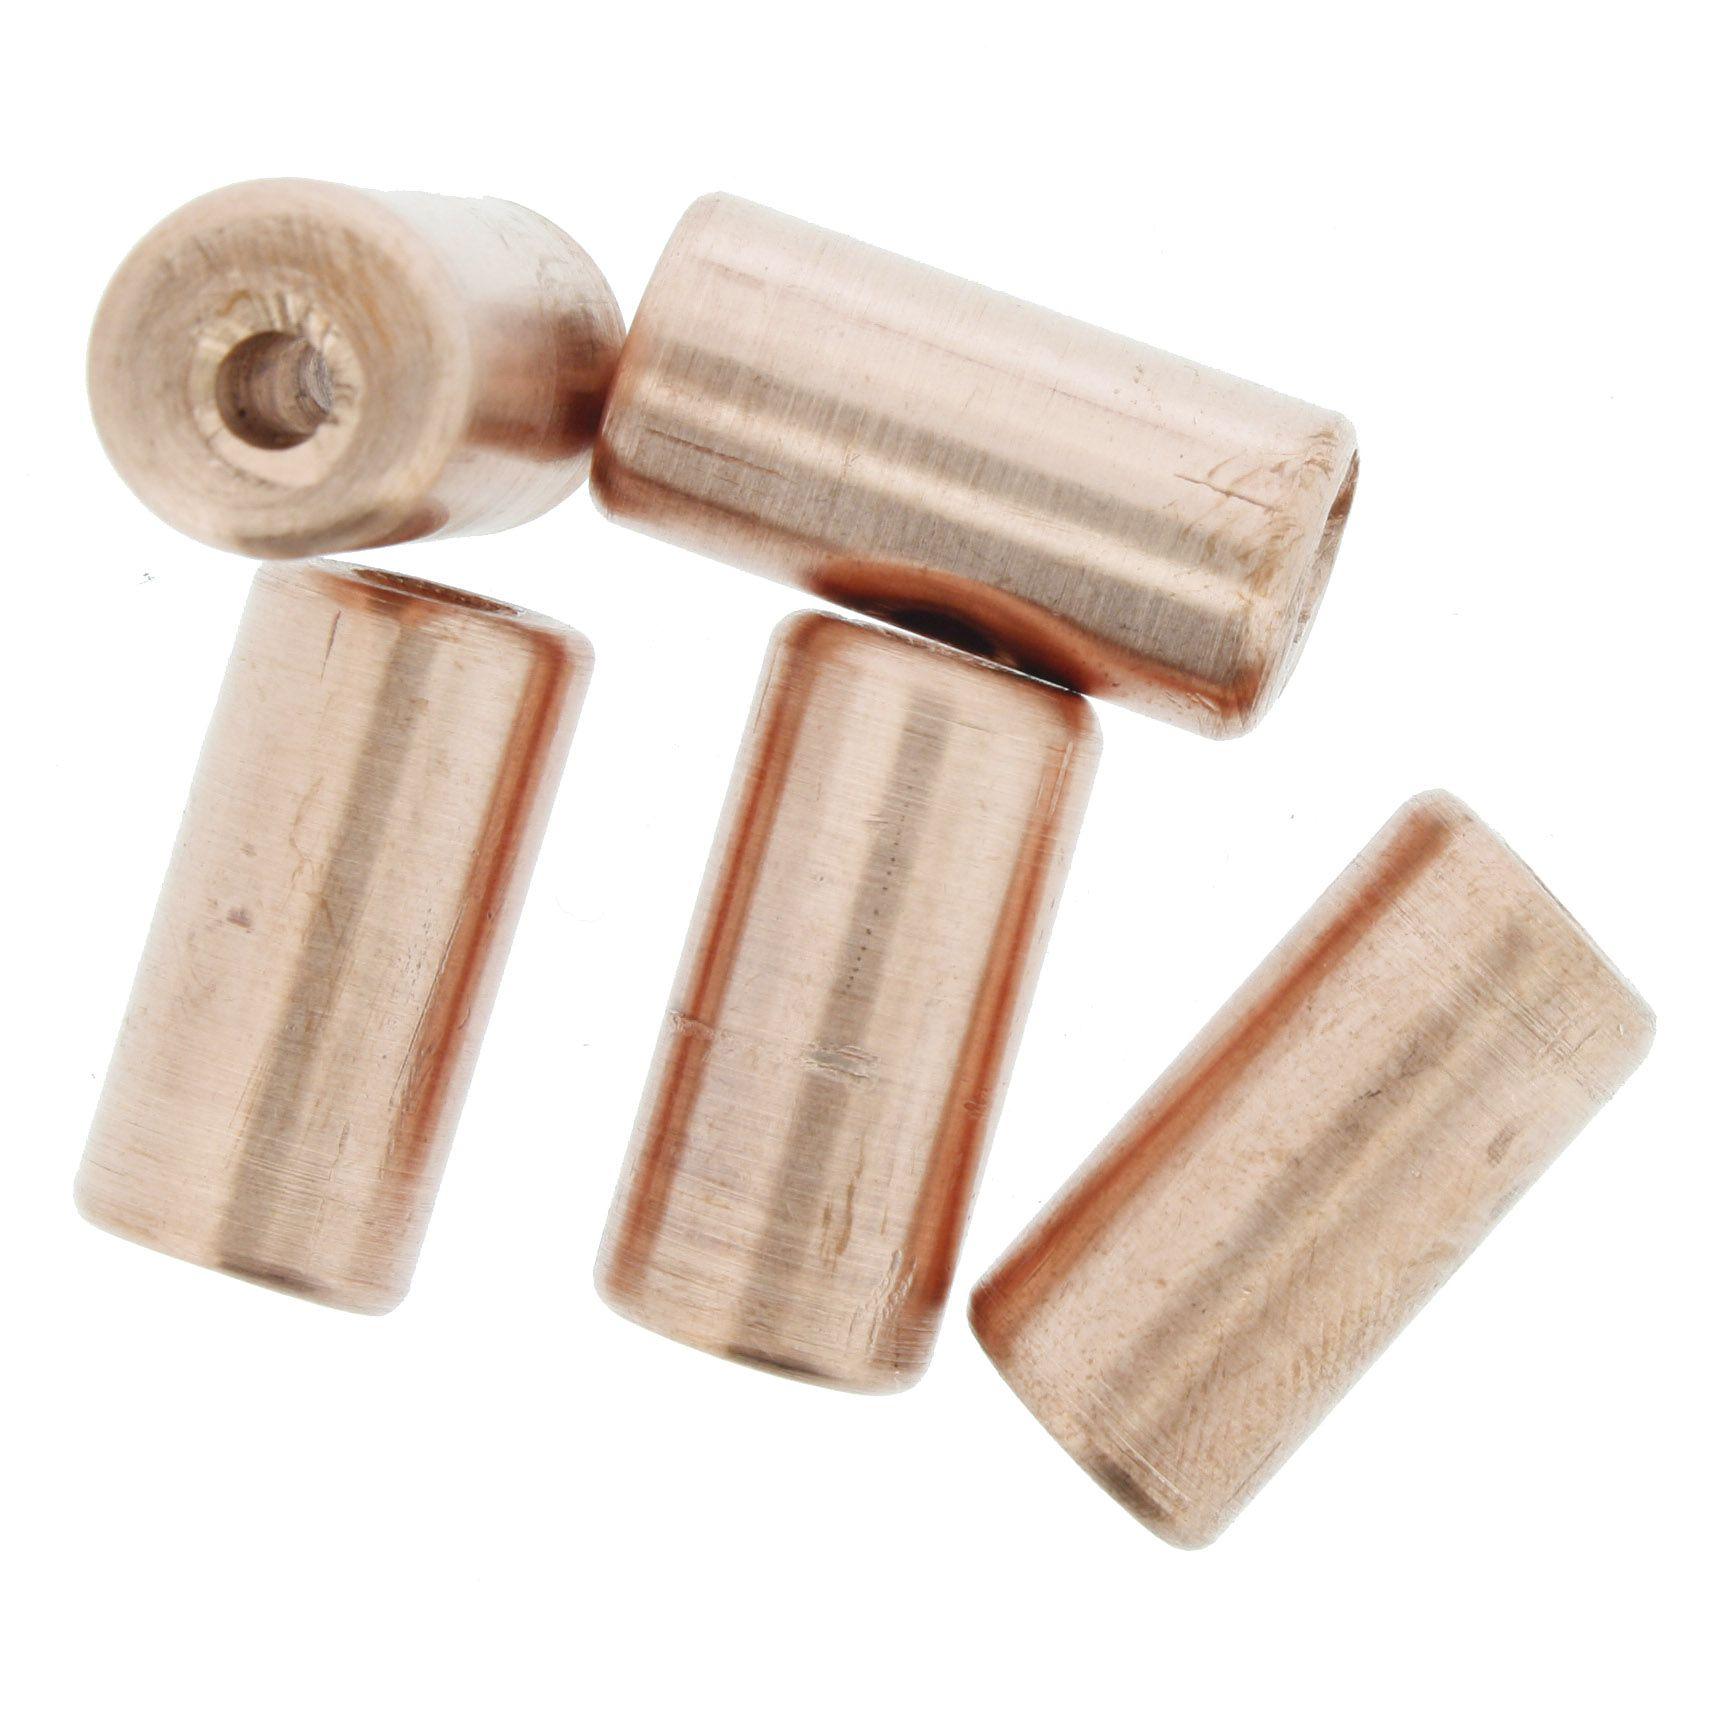 Firma Cooper® - Cobre - 20mm  - Stéphanie Bijoux® - Peças para Bijuterias e Artesanato